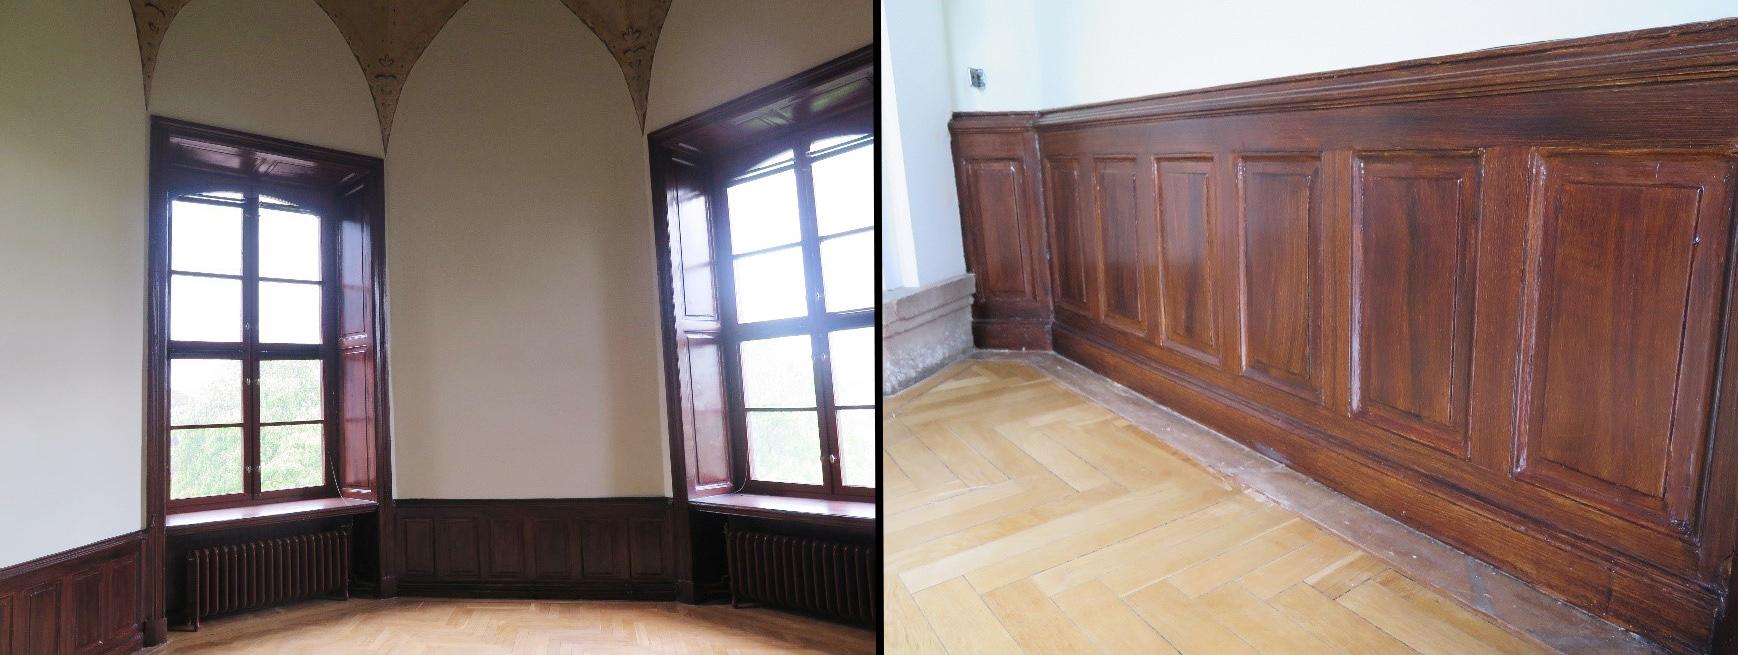 Bilder på fönsterrum och väggpanel i Östra Tornrummet efter renoveringen